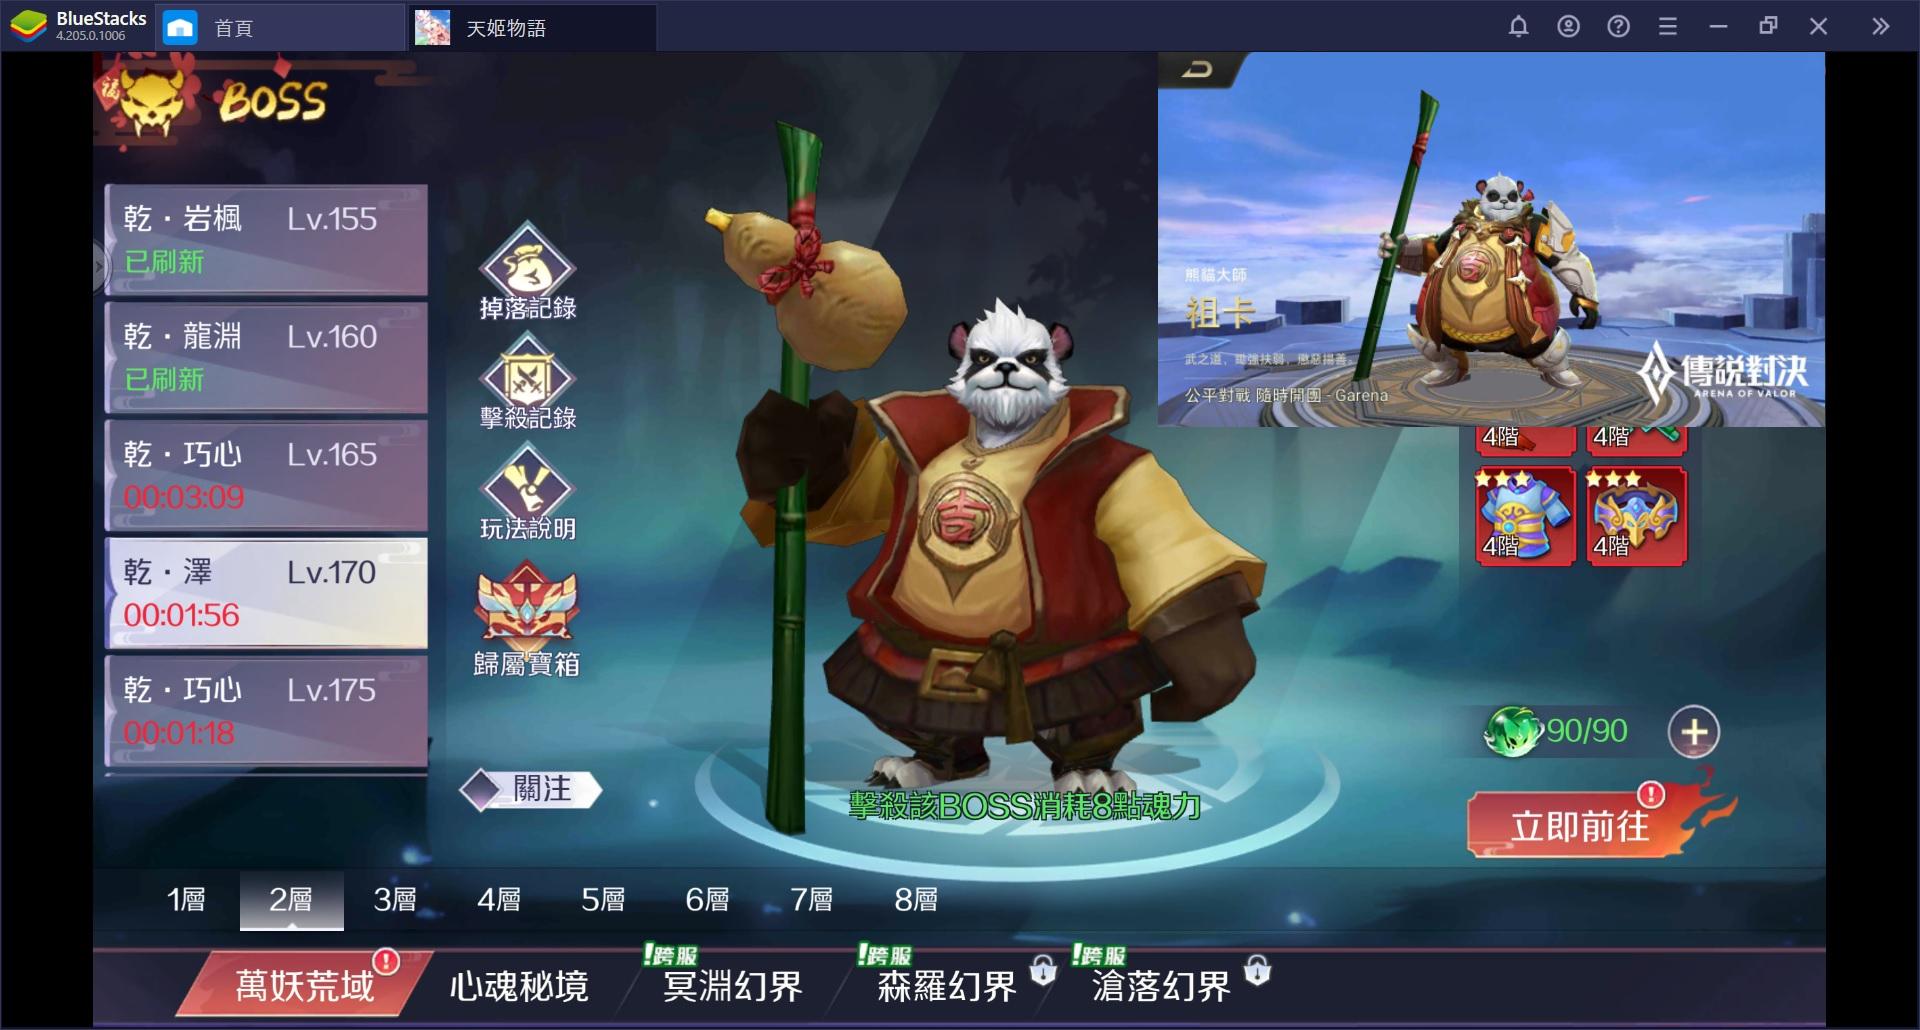 使用BlueStacks在PC上遊玩妖靈養成MMORPG 手機遊戲《天姬物語》